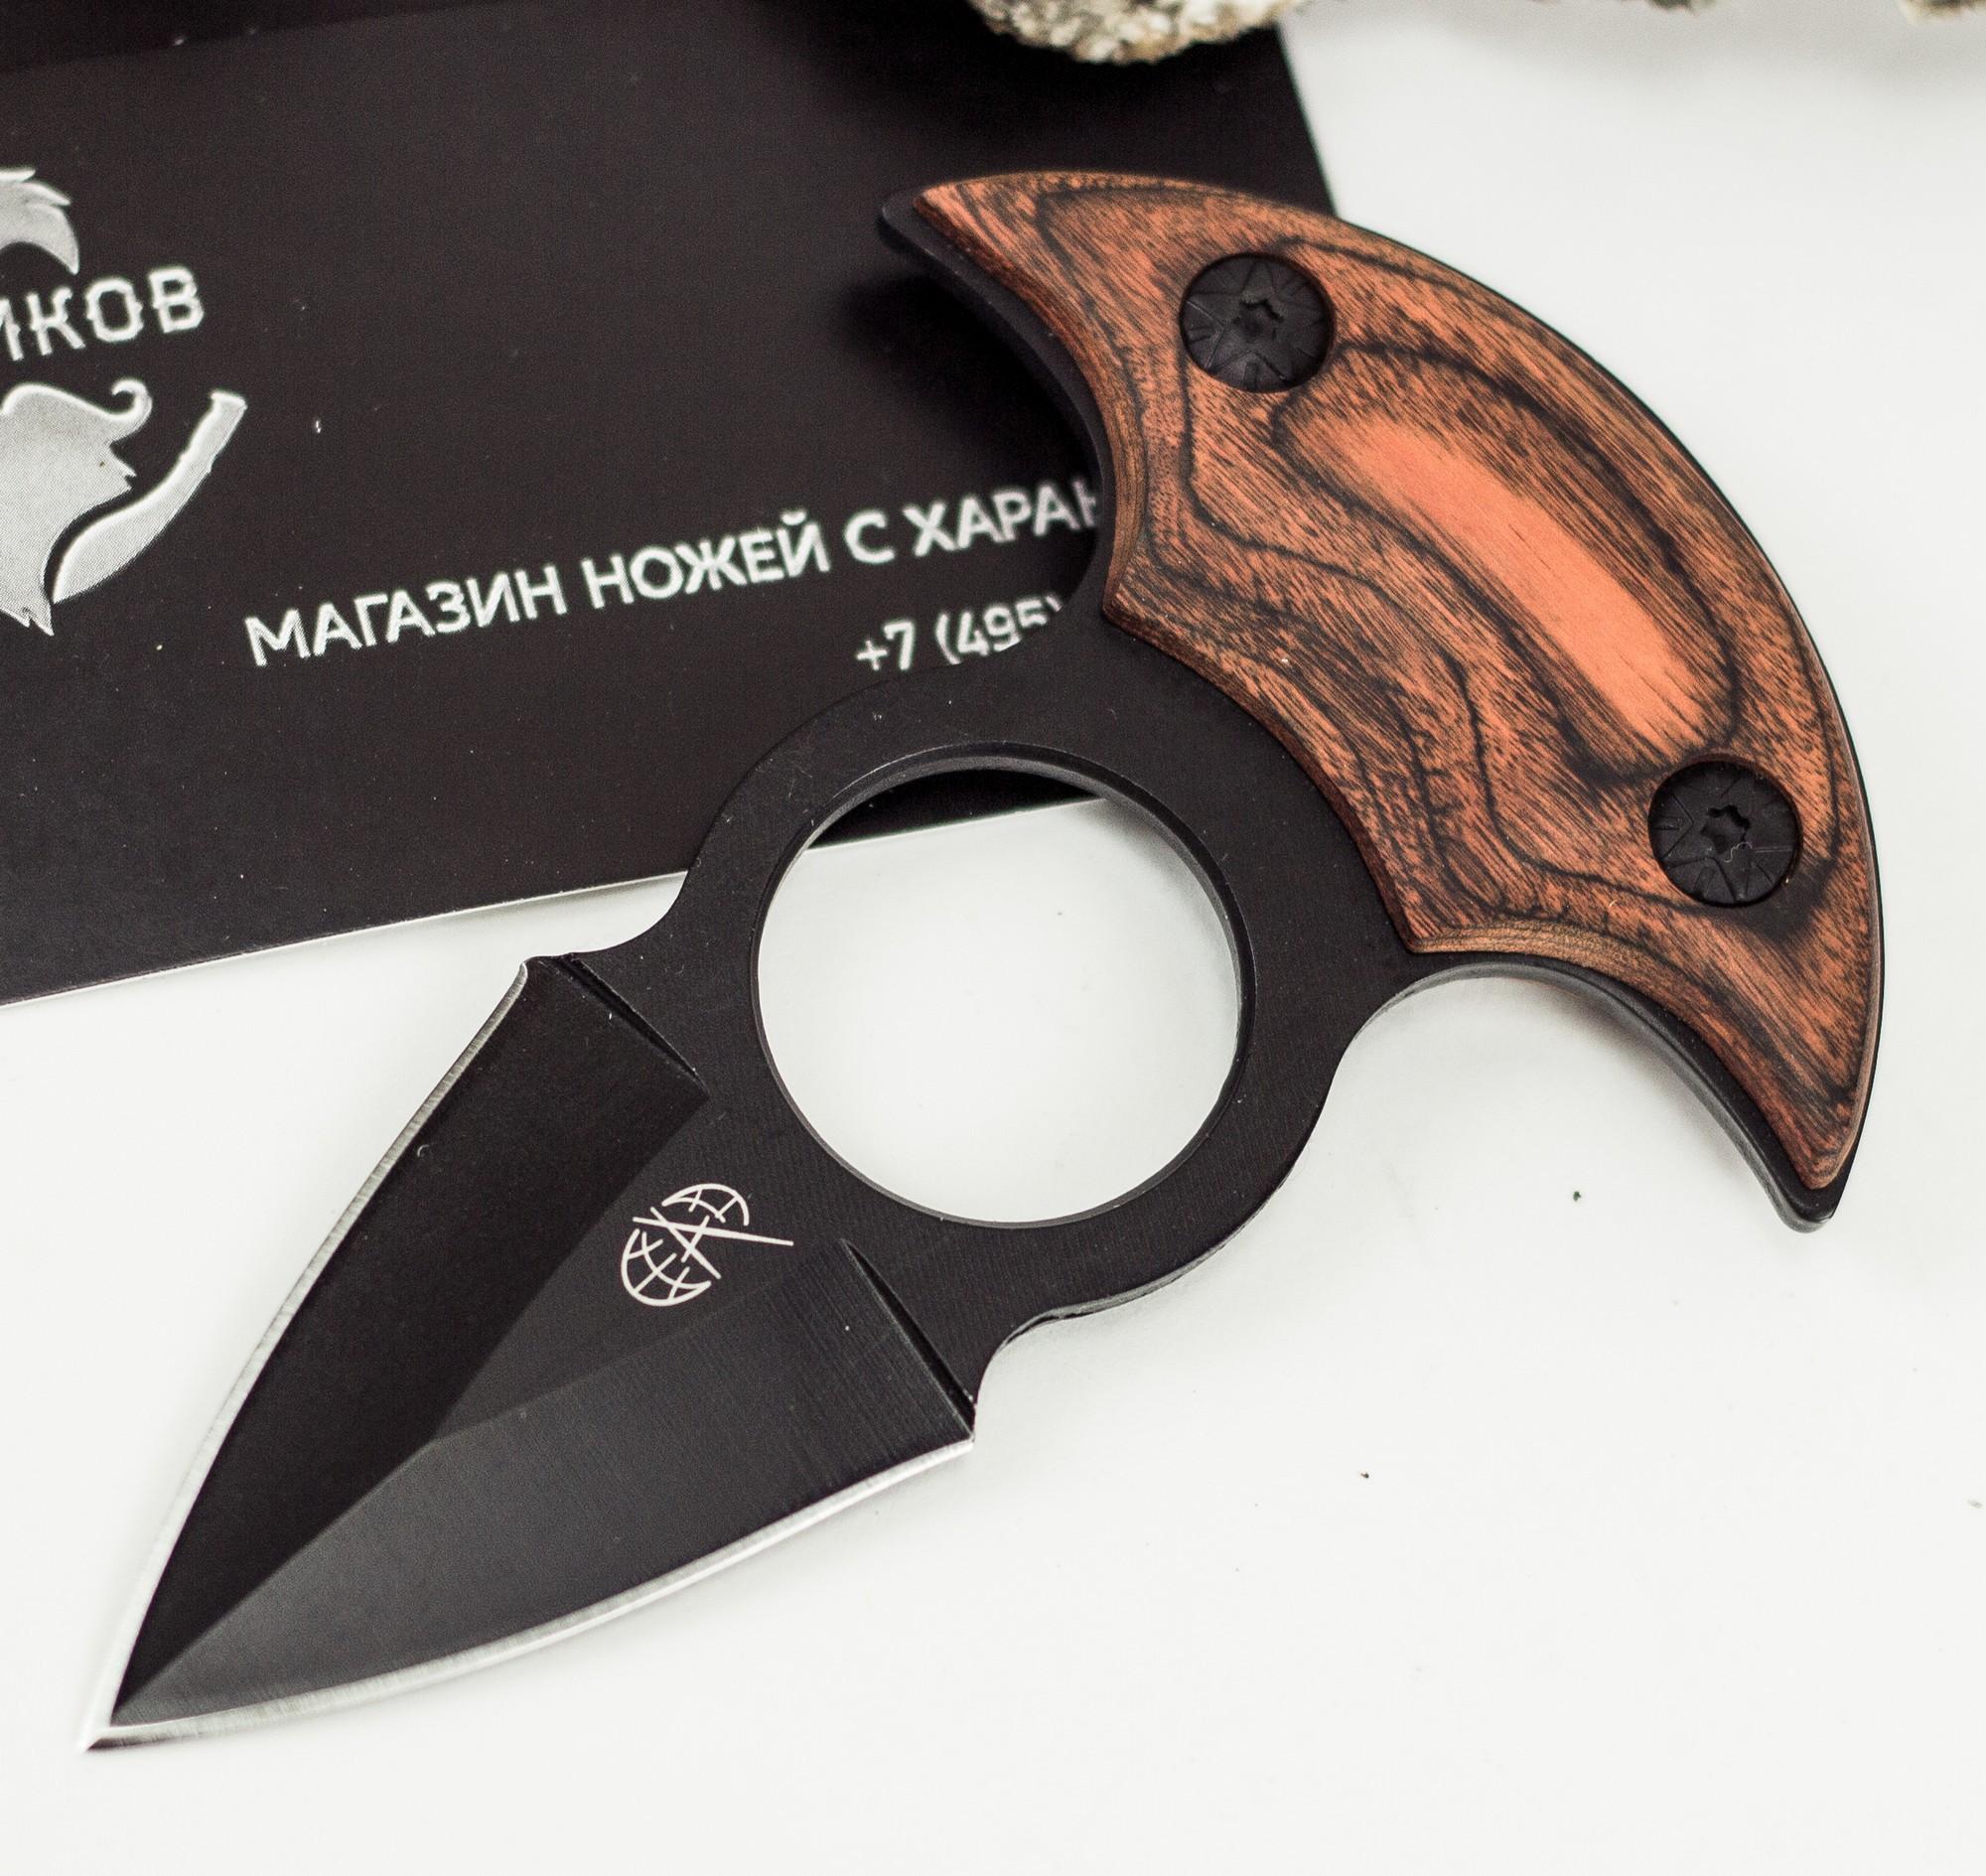 Купить Тычковый нож 1202B от Pirat в России